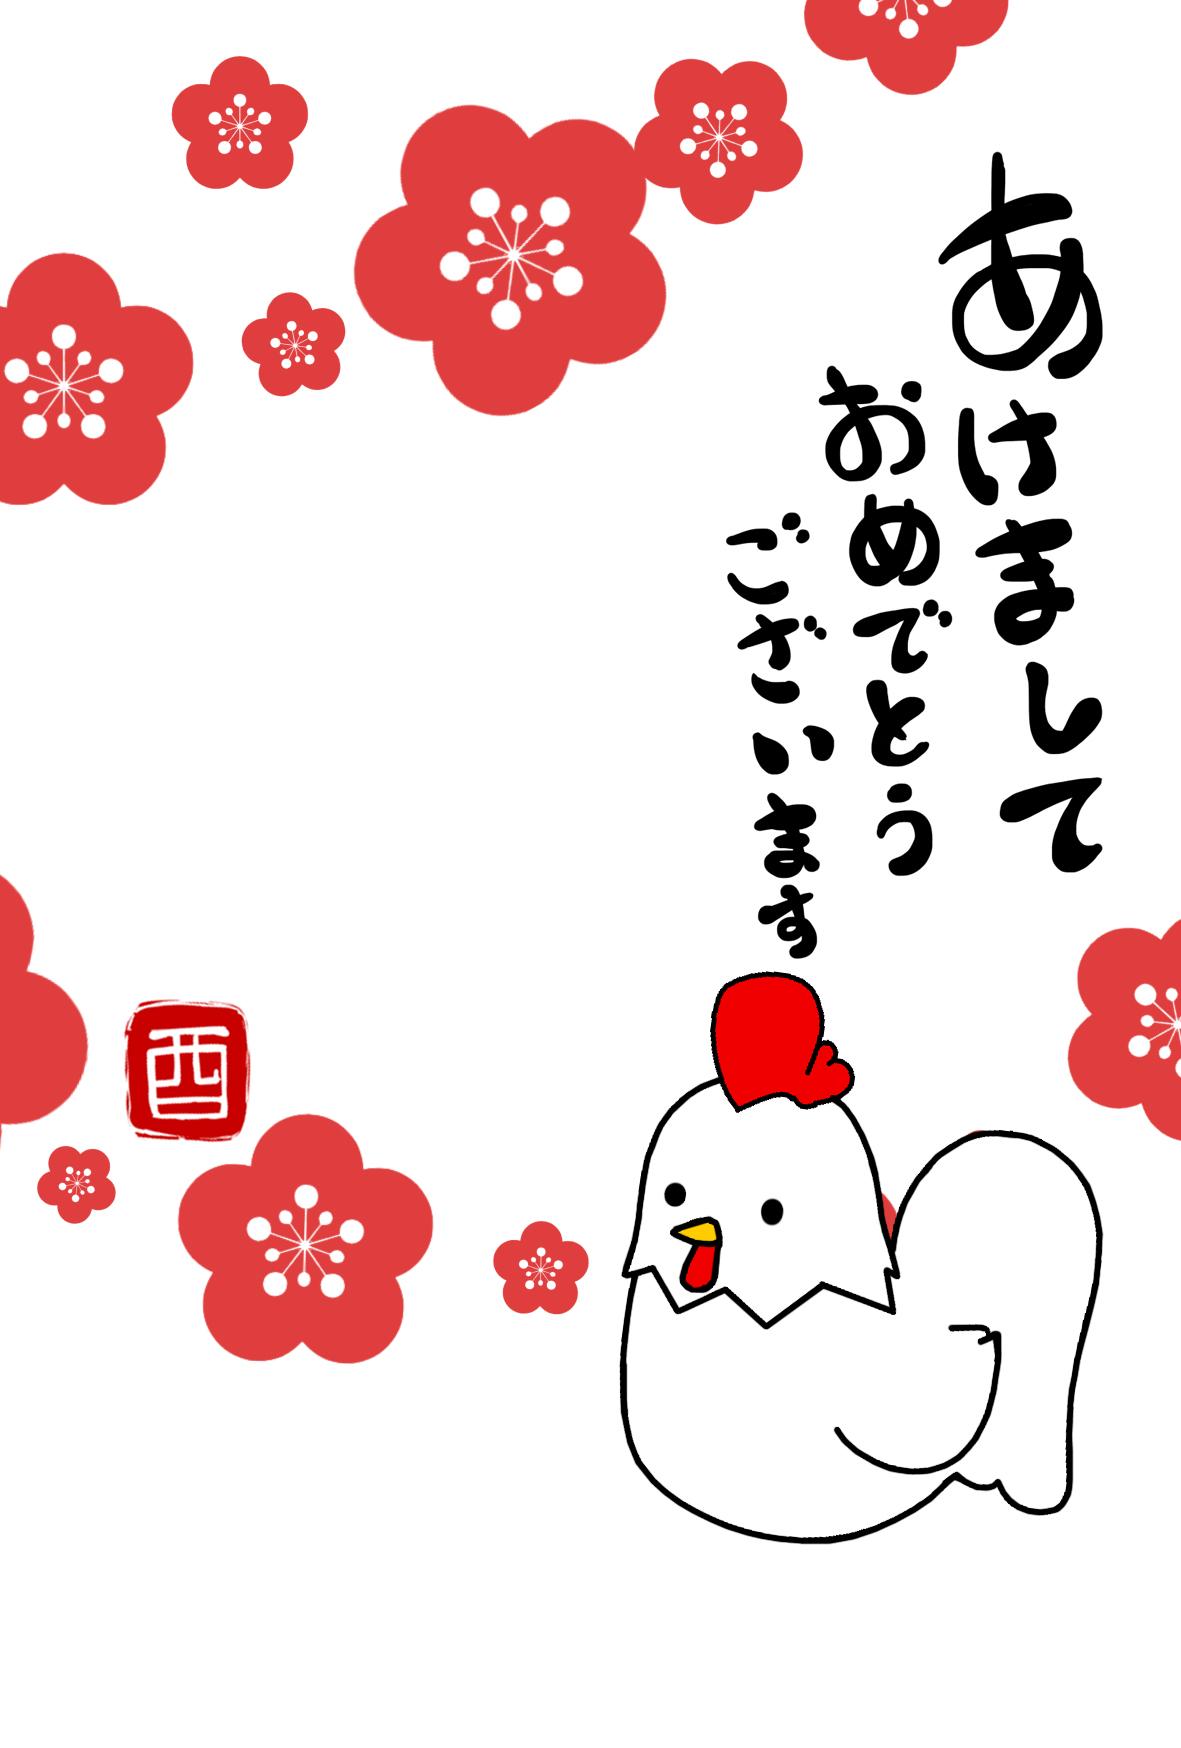 にわとりと赤い梅の花のイラスト年賀状【無料】